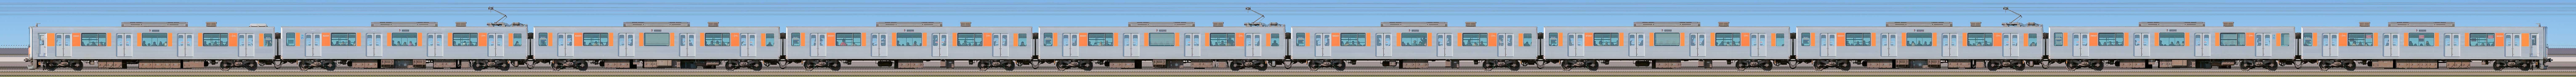 東武50000型51001編成(海側)の編成サイドビュー